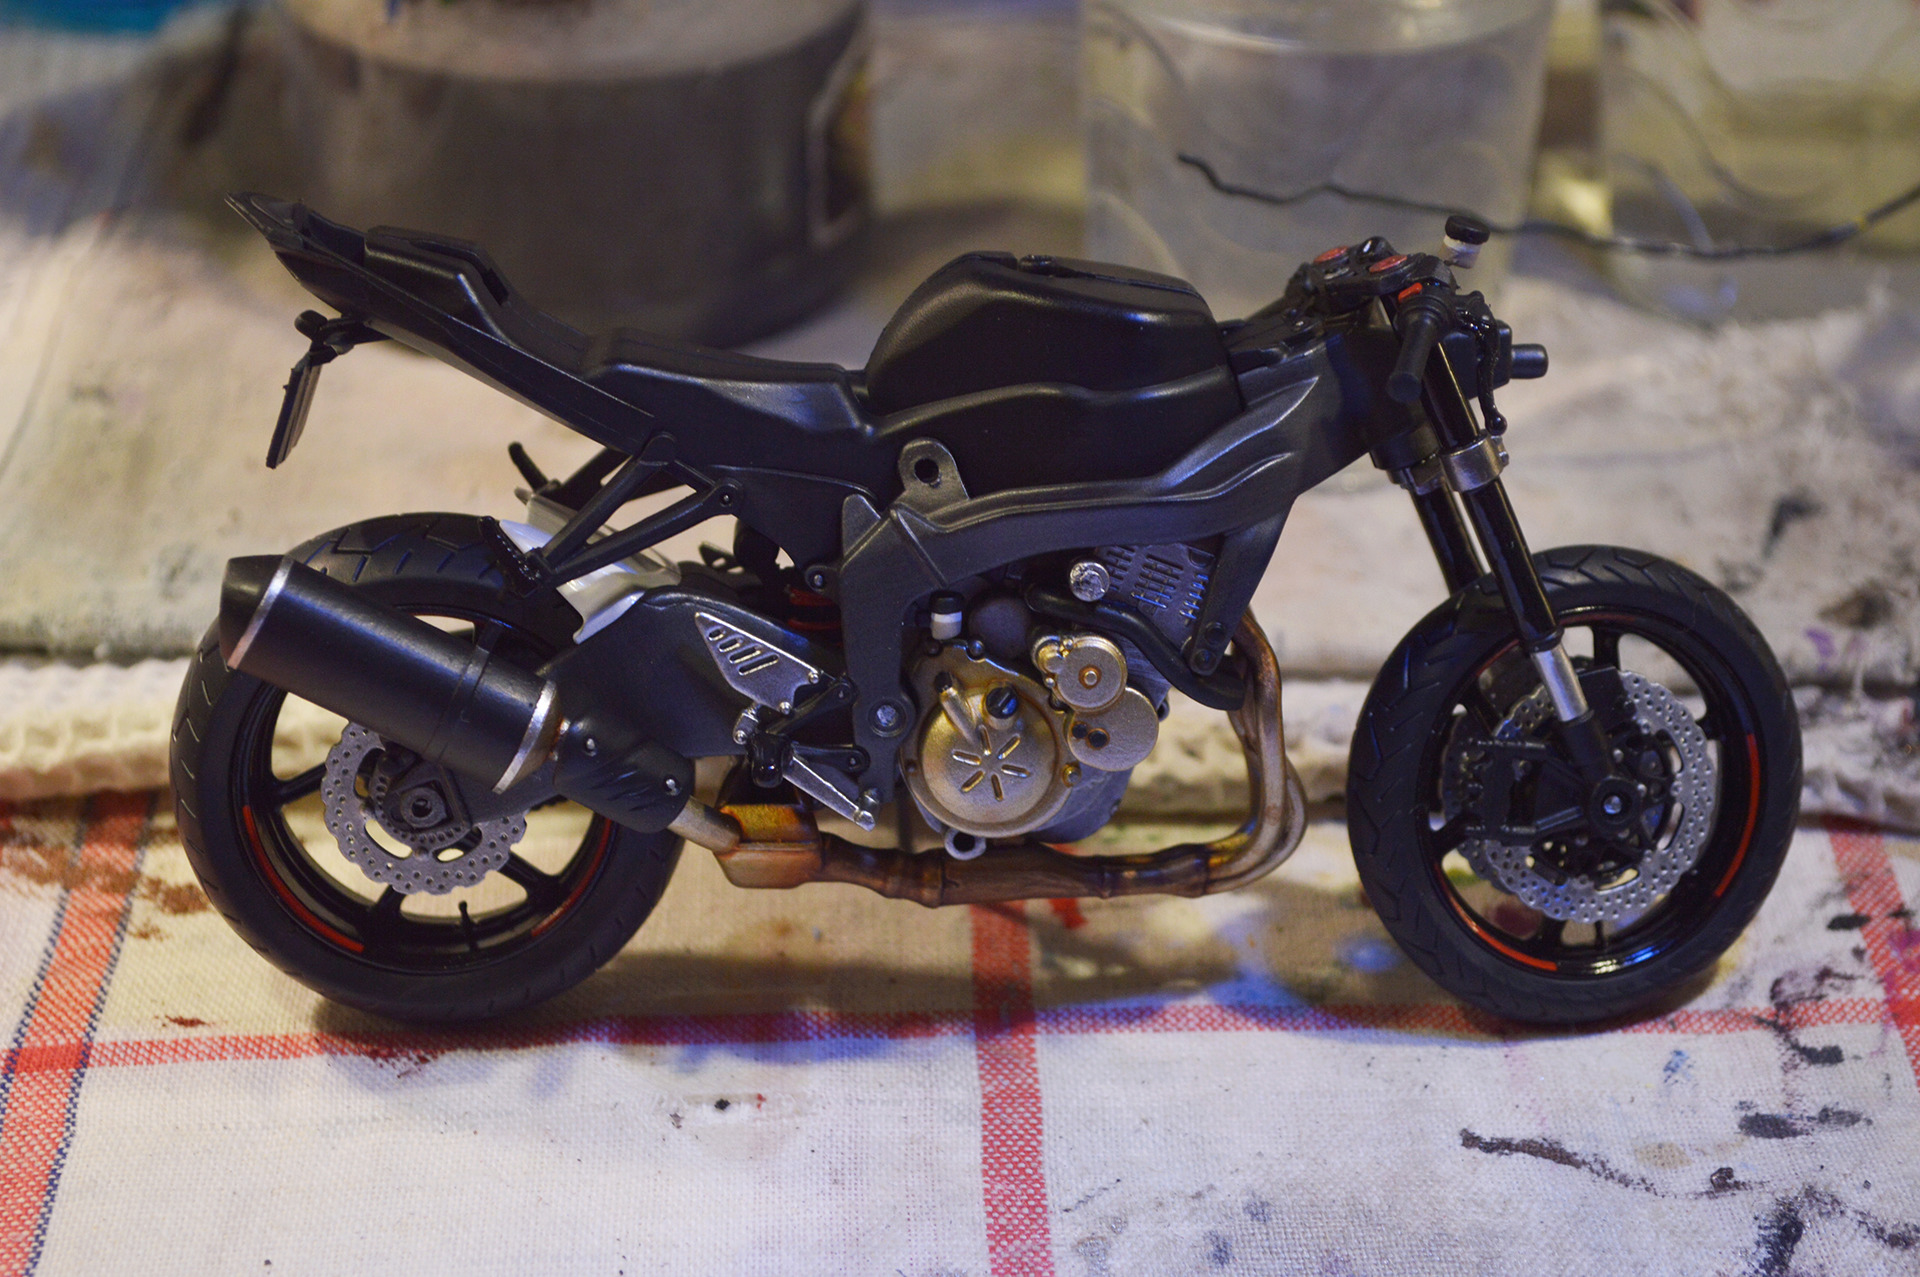 [Moto] Conversion et kit de maquette - Page 2 Dsc_3311